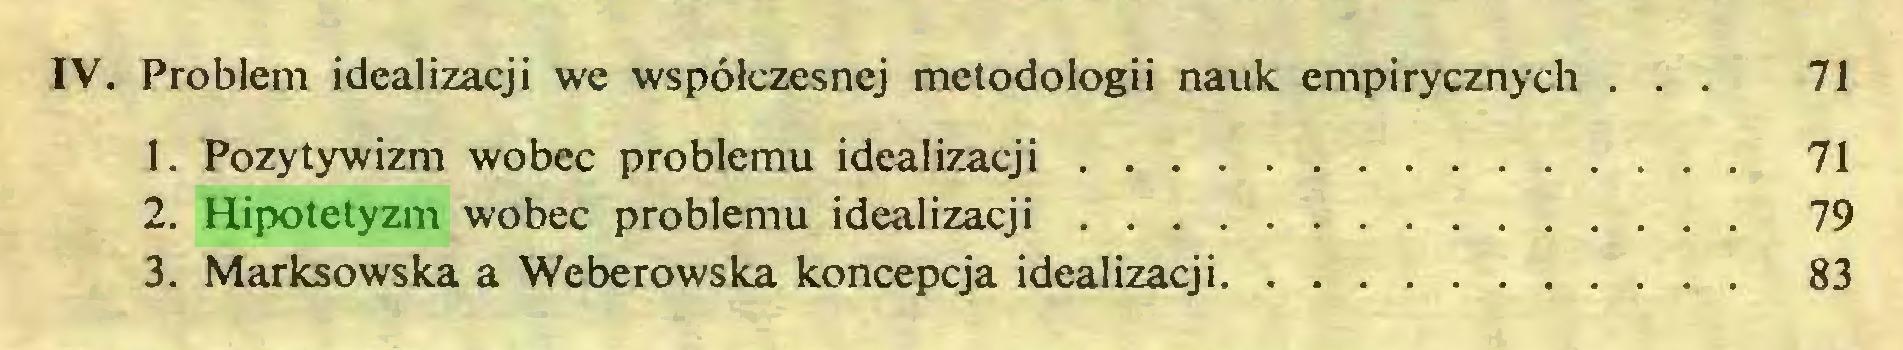 (...) IV. Problem idealizacji we współczesnej metodologii nauk empirycznych ... 71 1. Pozytywizm wobec problemu idealizacji 71 2. Hipotetyzm wobec problemu idealizacji 79 3. Marksowska a Weberowska koncepcja idealizacji 83...